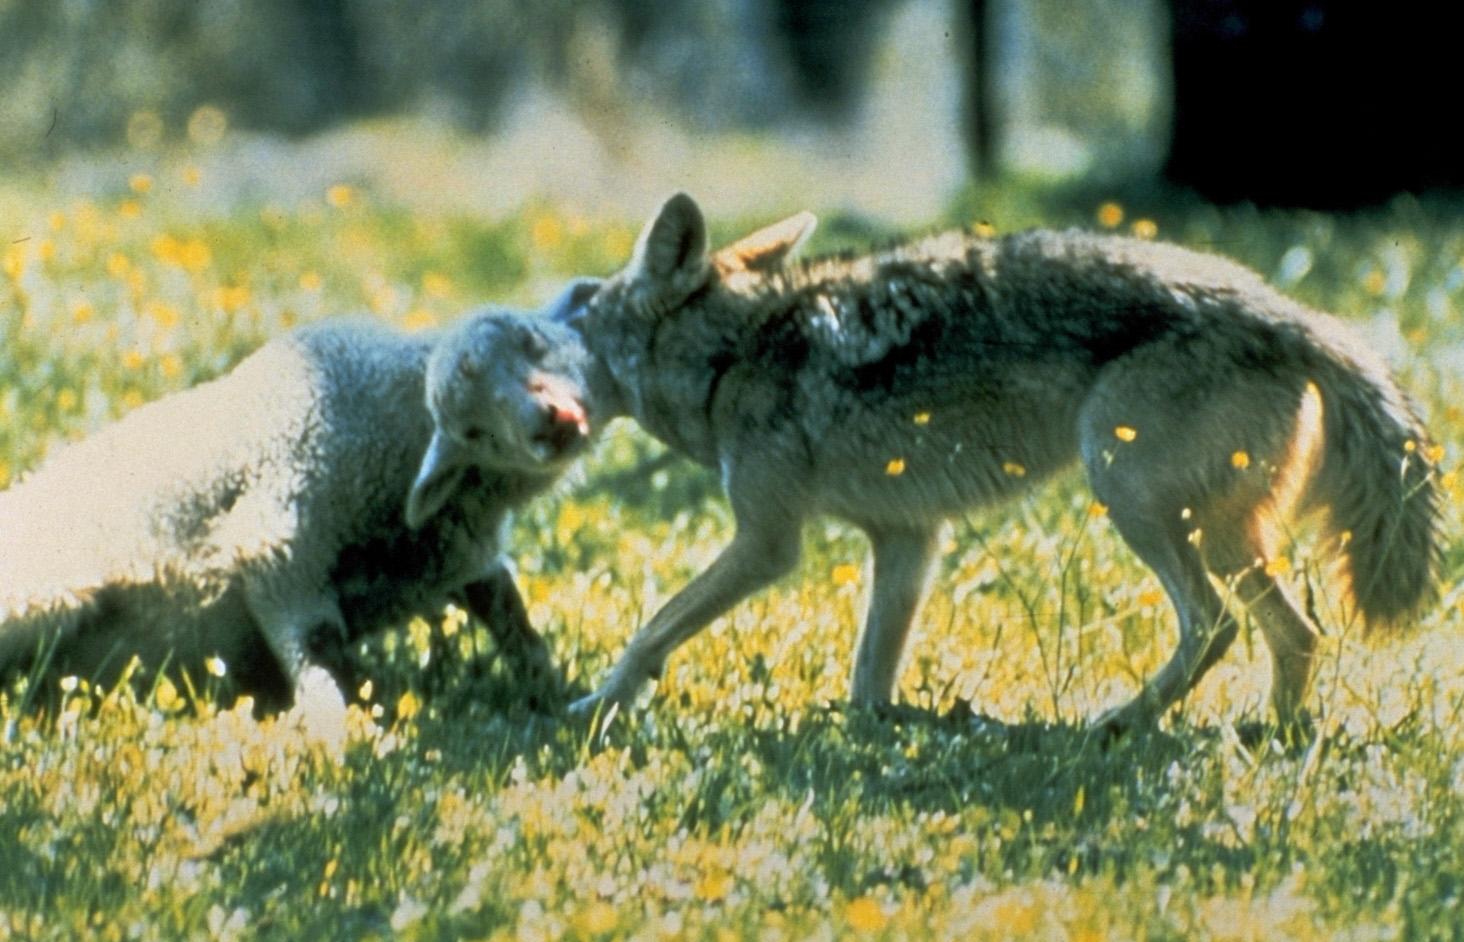 menneske drept av ulv i norge